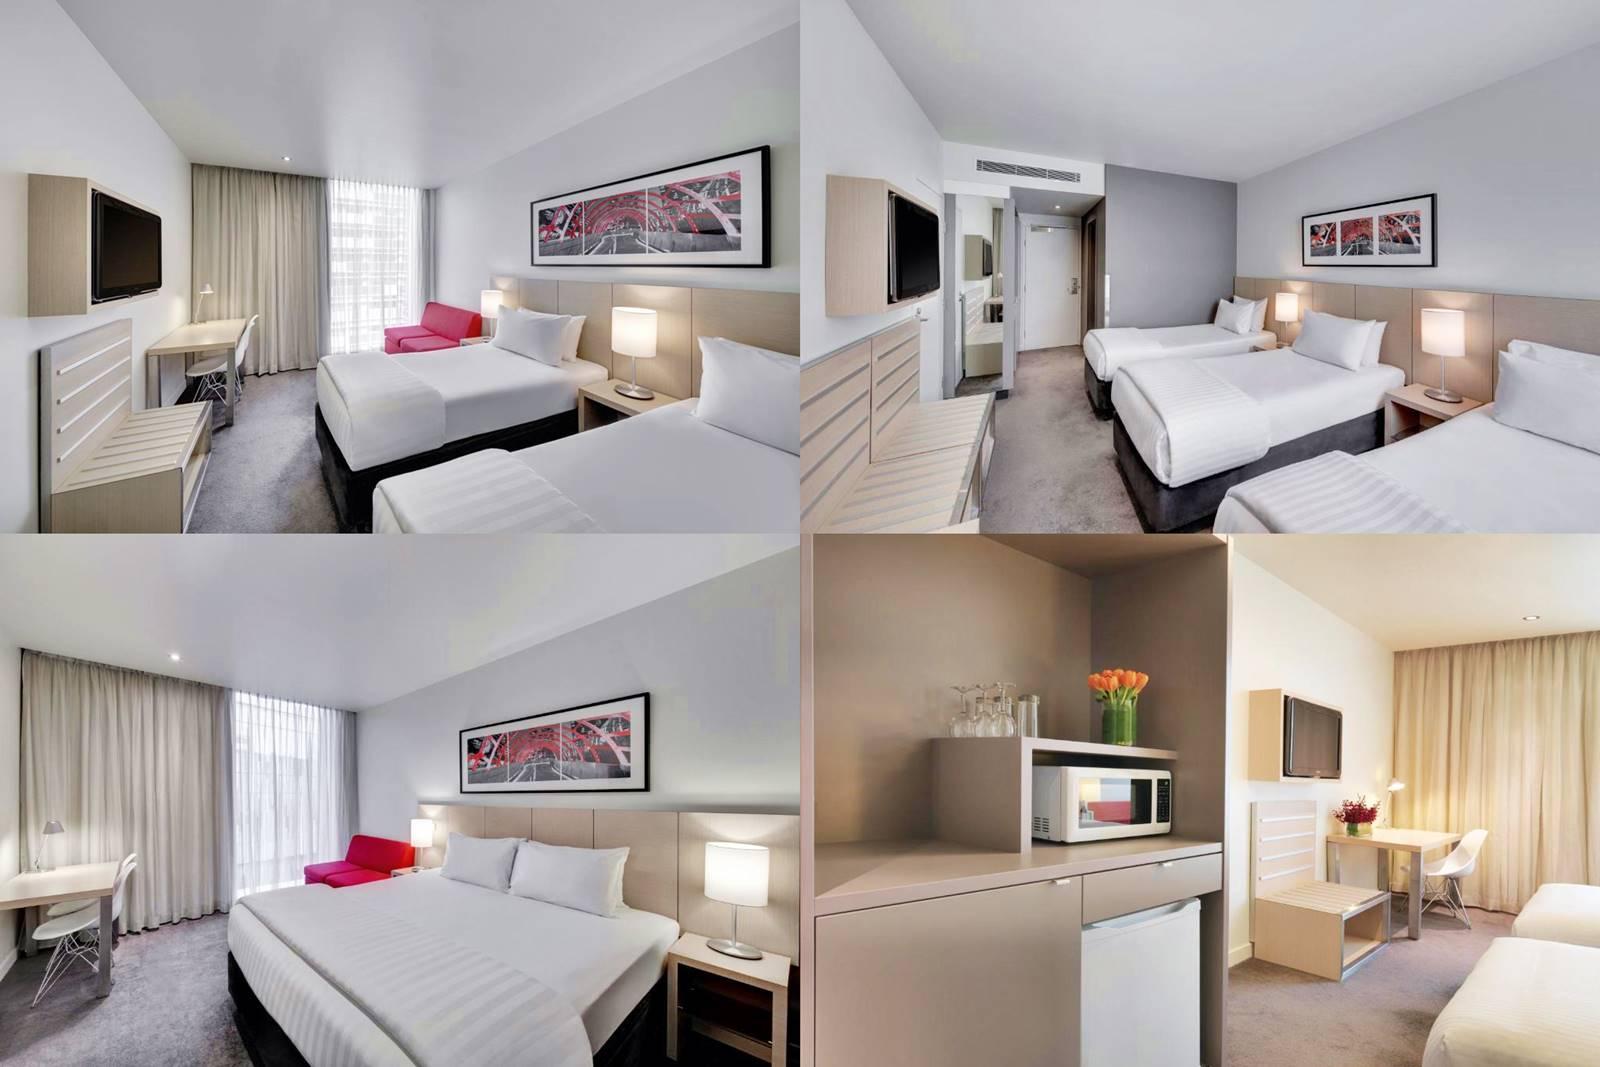 墨爾本-住宿-推薦-墨爾本港區旅程住宿酒店-Travelodge Hotel Melbourne Docklands-墨爾本飯店-墨爾本酒店-墨爾本公寓-墨爾本民宿-墨爾本旅館-墨爾本酒店-必住-Melbourne-Hotel